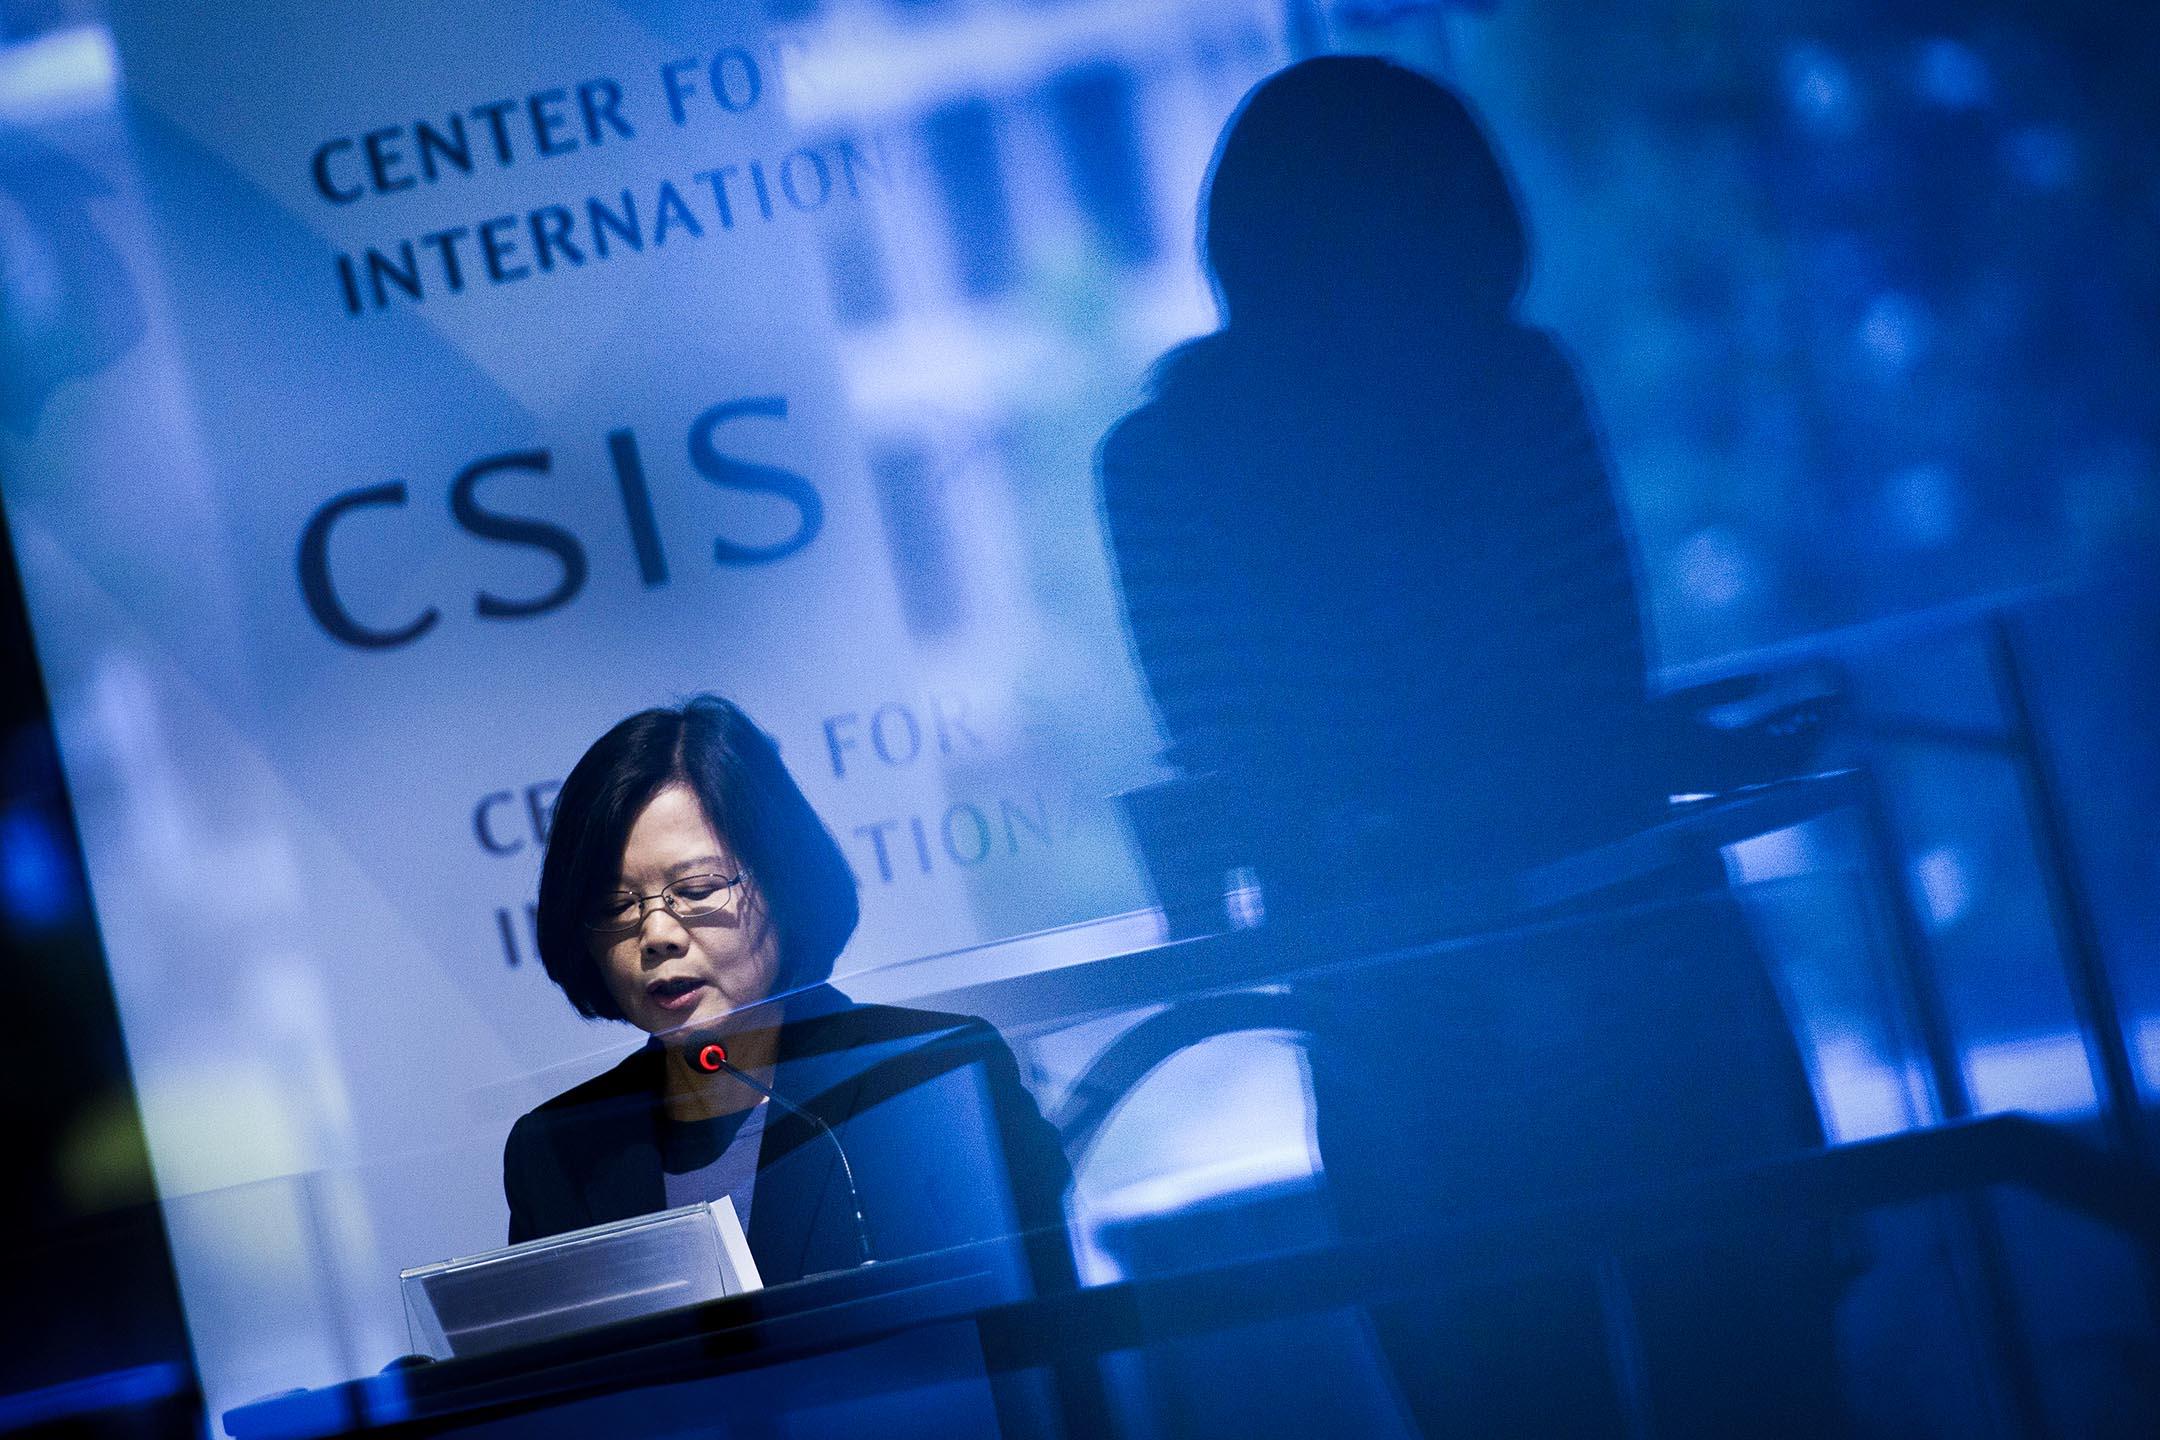 2015年6月3日,美國華盛頓,民進黨蔡英文在戰略暨國際研究中心舉行的活動期間發表講話。 攝:Brendan Smialowski/AFP via Getty Images